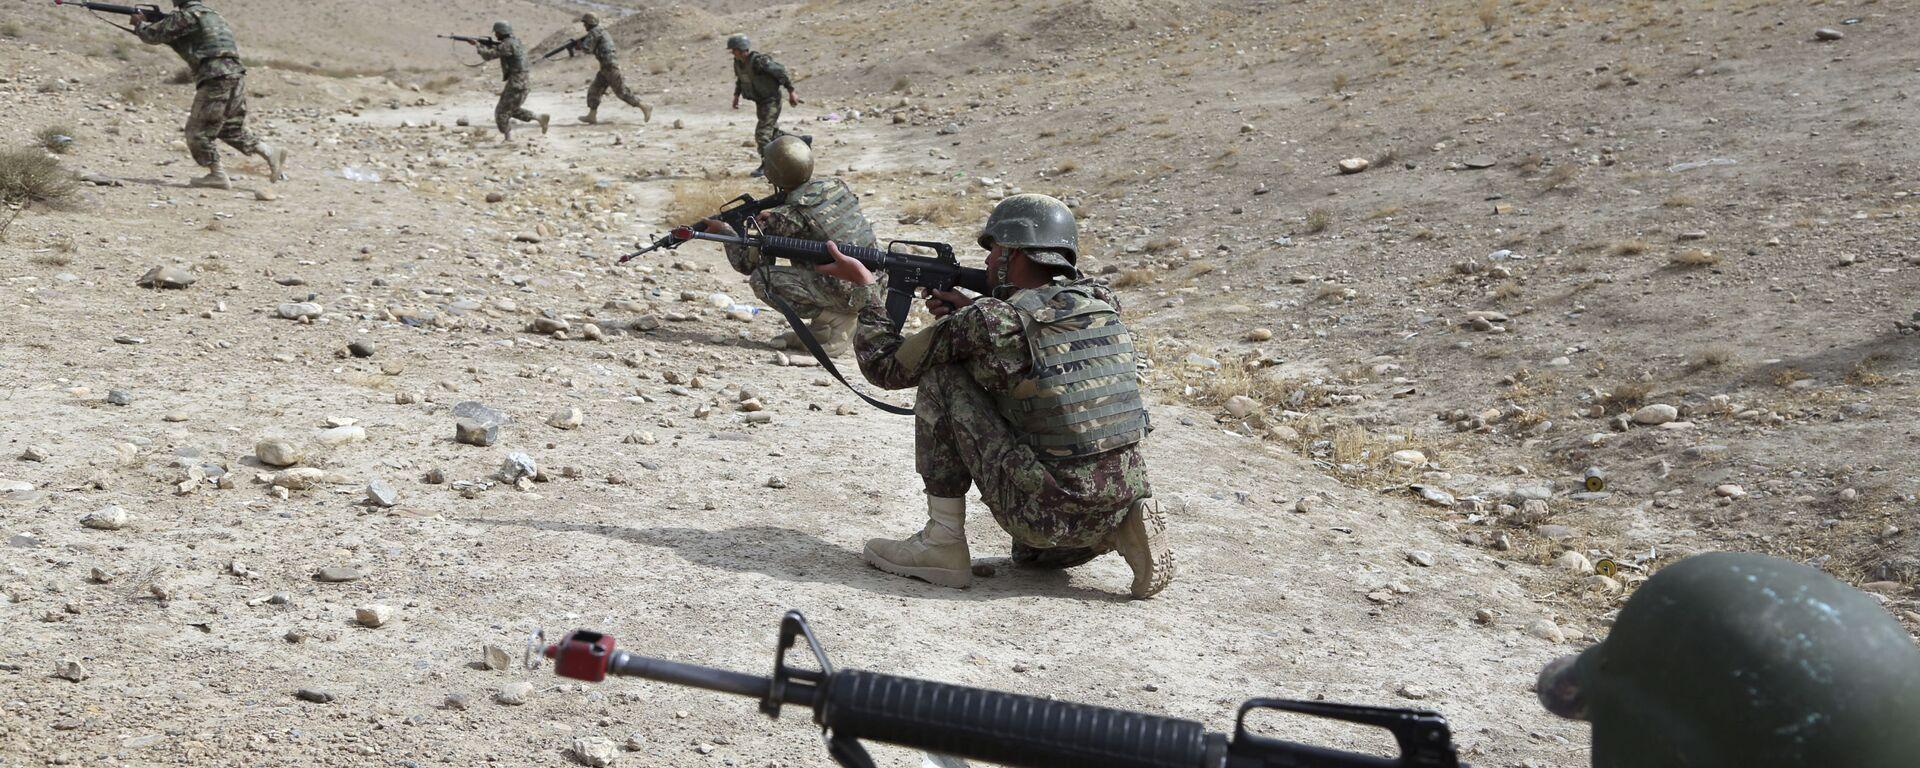 Cолдаты Афганской национальной армии, архивное фото - Sputnik Таджикистан, 1920, 13.05.2021